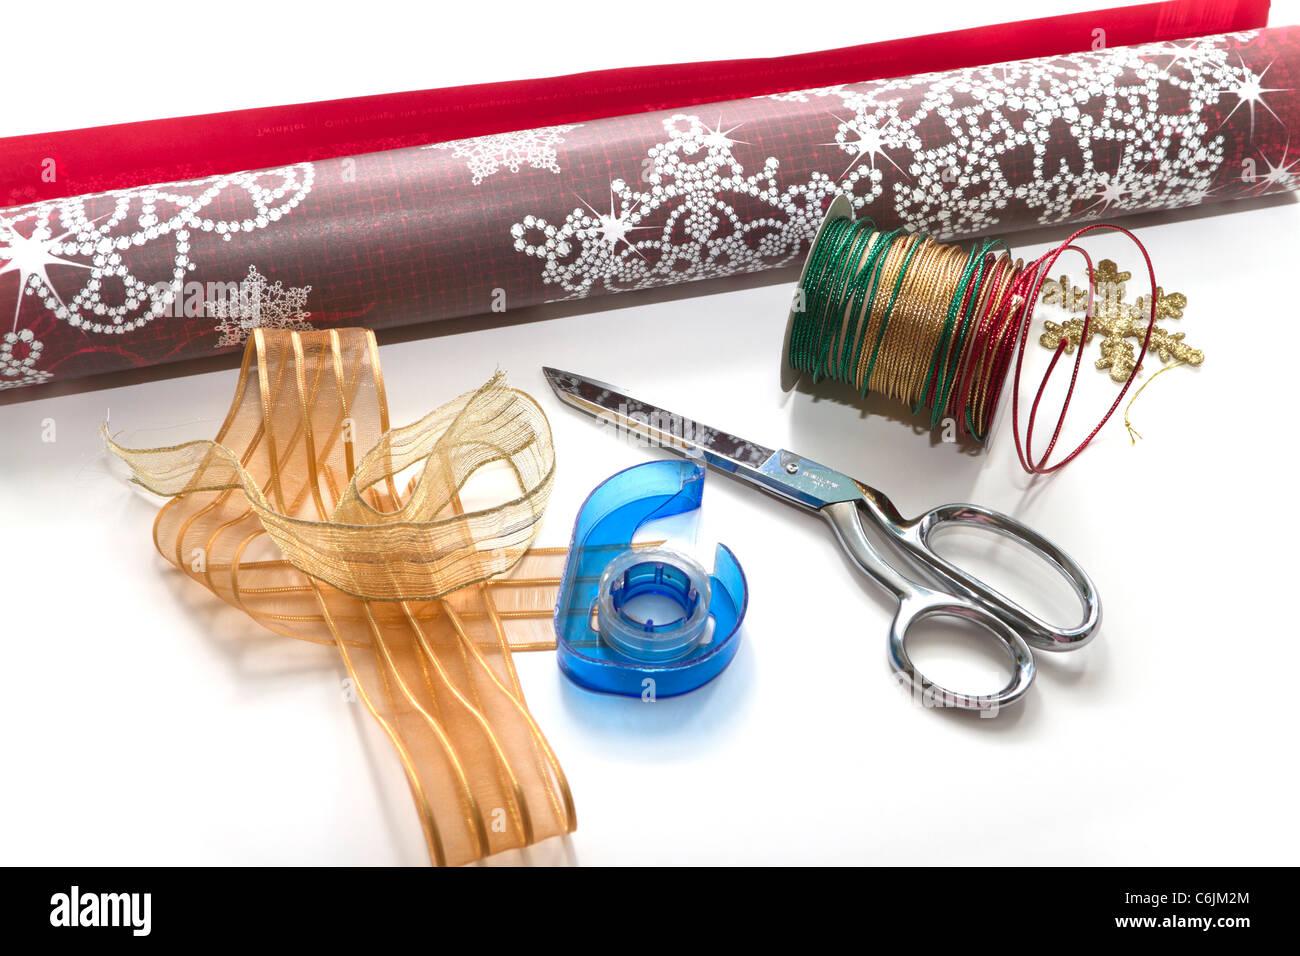 Papel de regalo de navidad con tijeras y cinta de cinta en un fondo blanco. Imagen De Stock